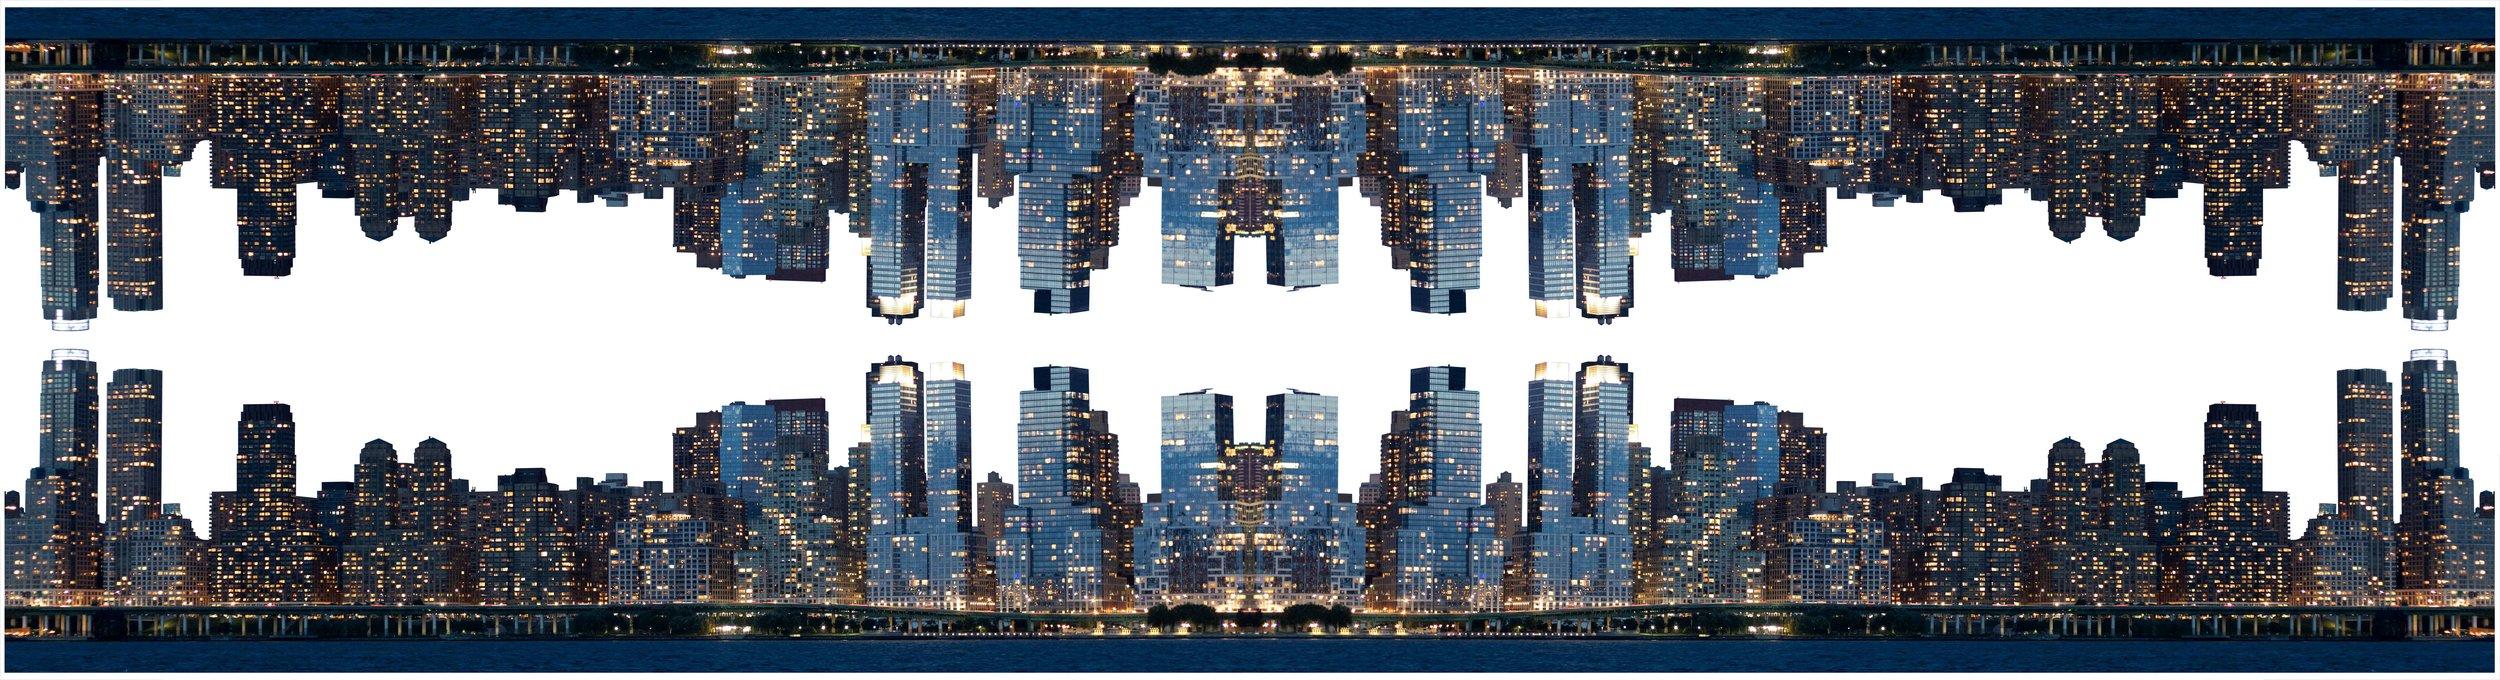 Skyline (2018) - 26 x 96 cm - Impresión digital sobre papel de algodón. Edición de 3 / Digital print on cotton paper